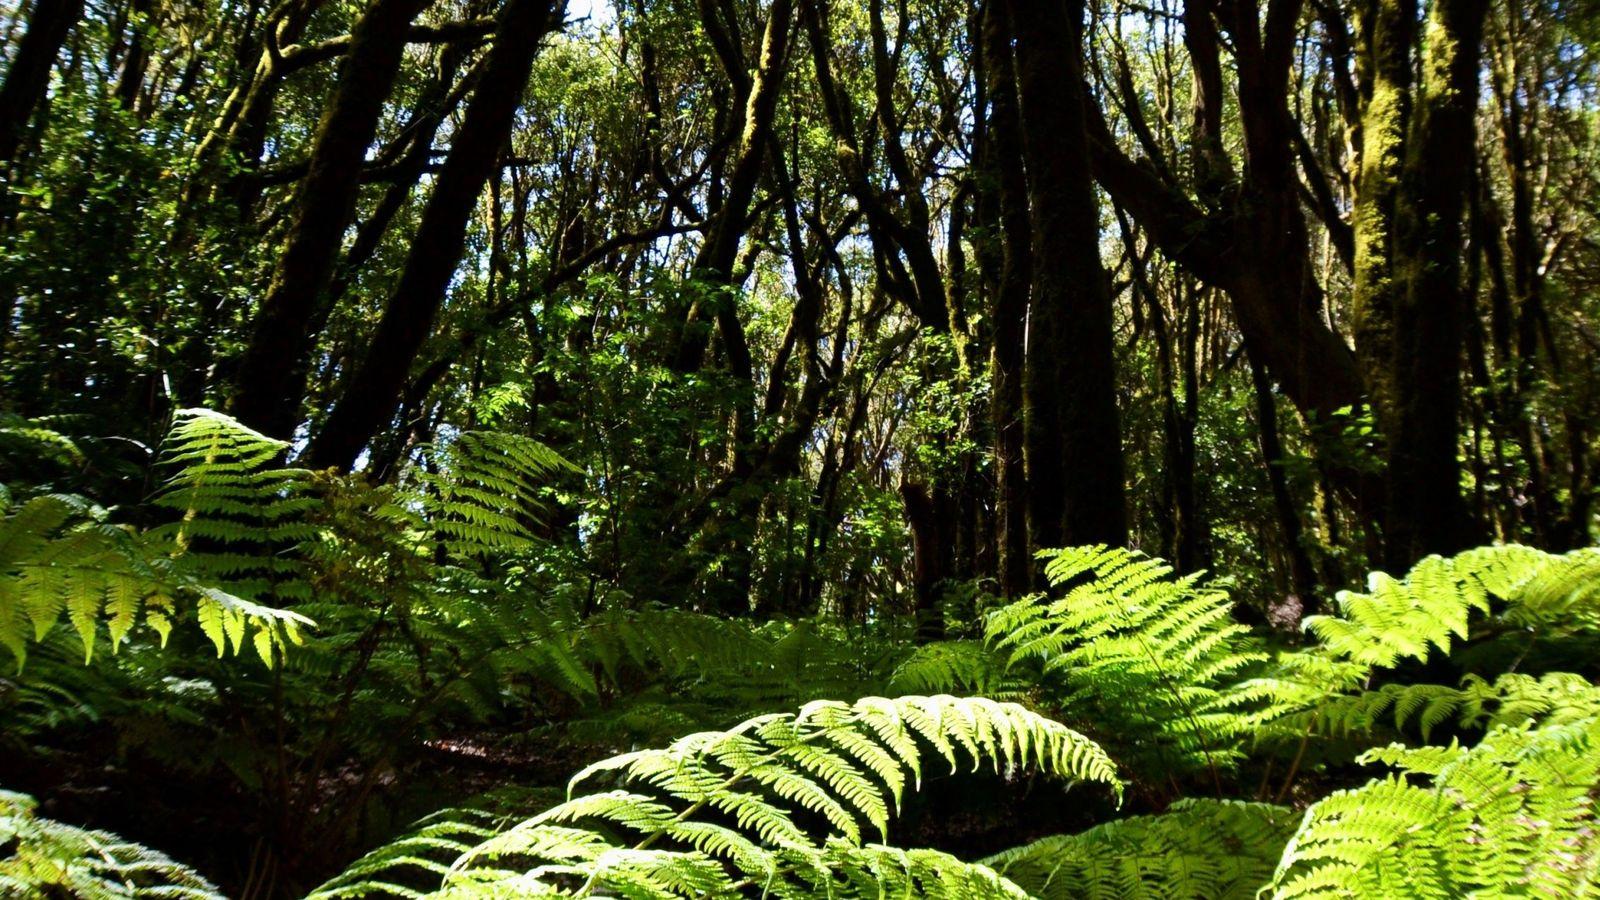 Bosques más jóvenes y bajos: consecuencias de la tala masiva y del cambio climático